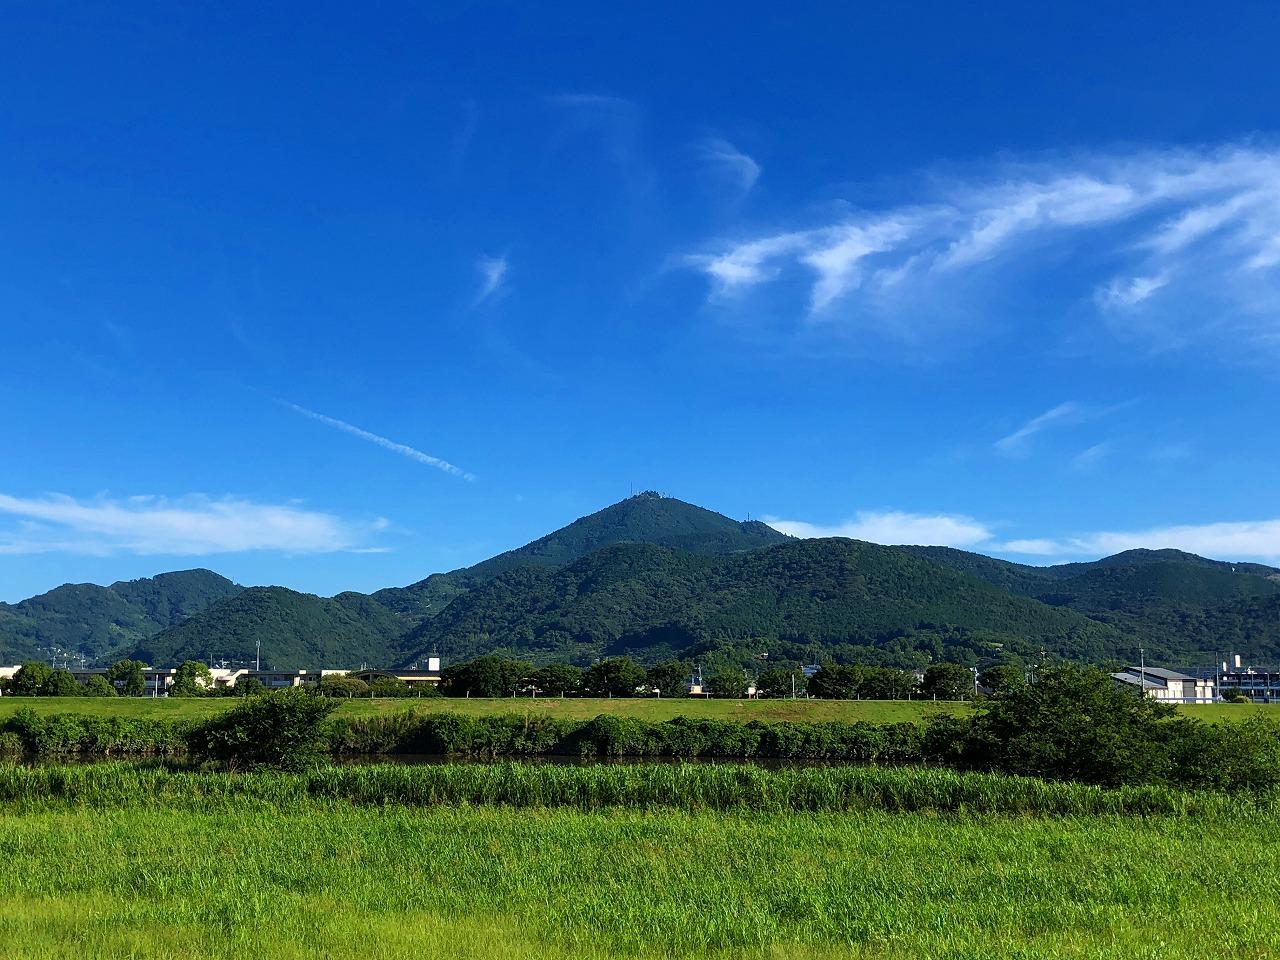 2018.7.10今朝の金峰山です。